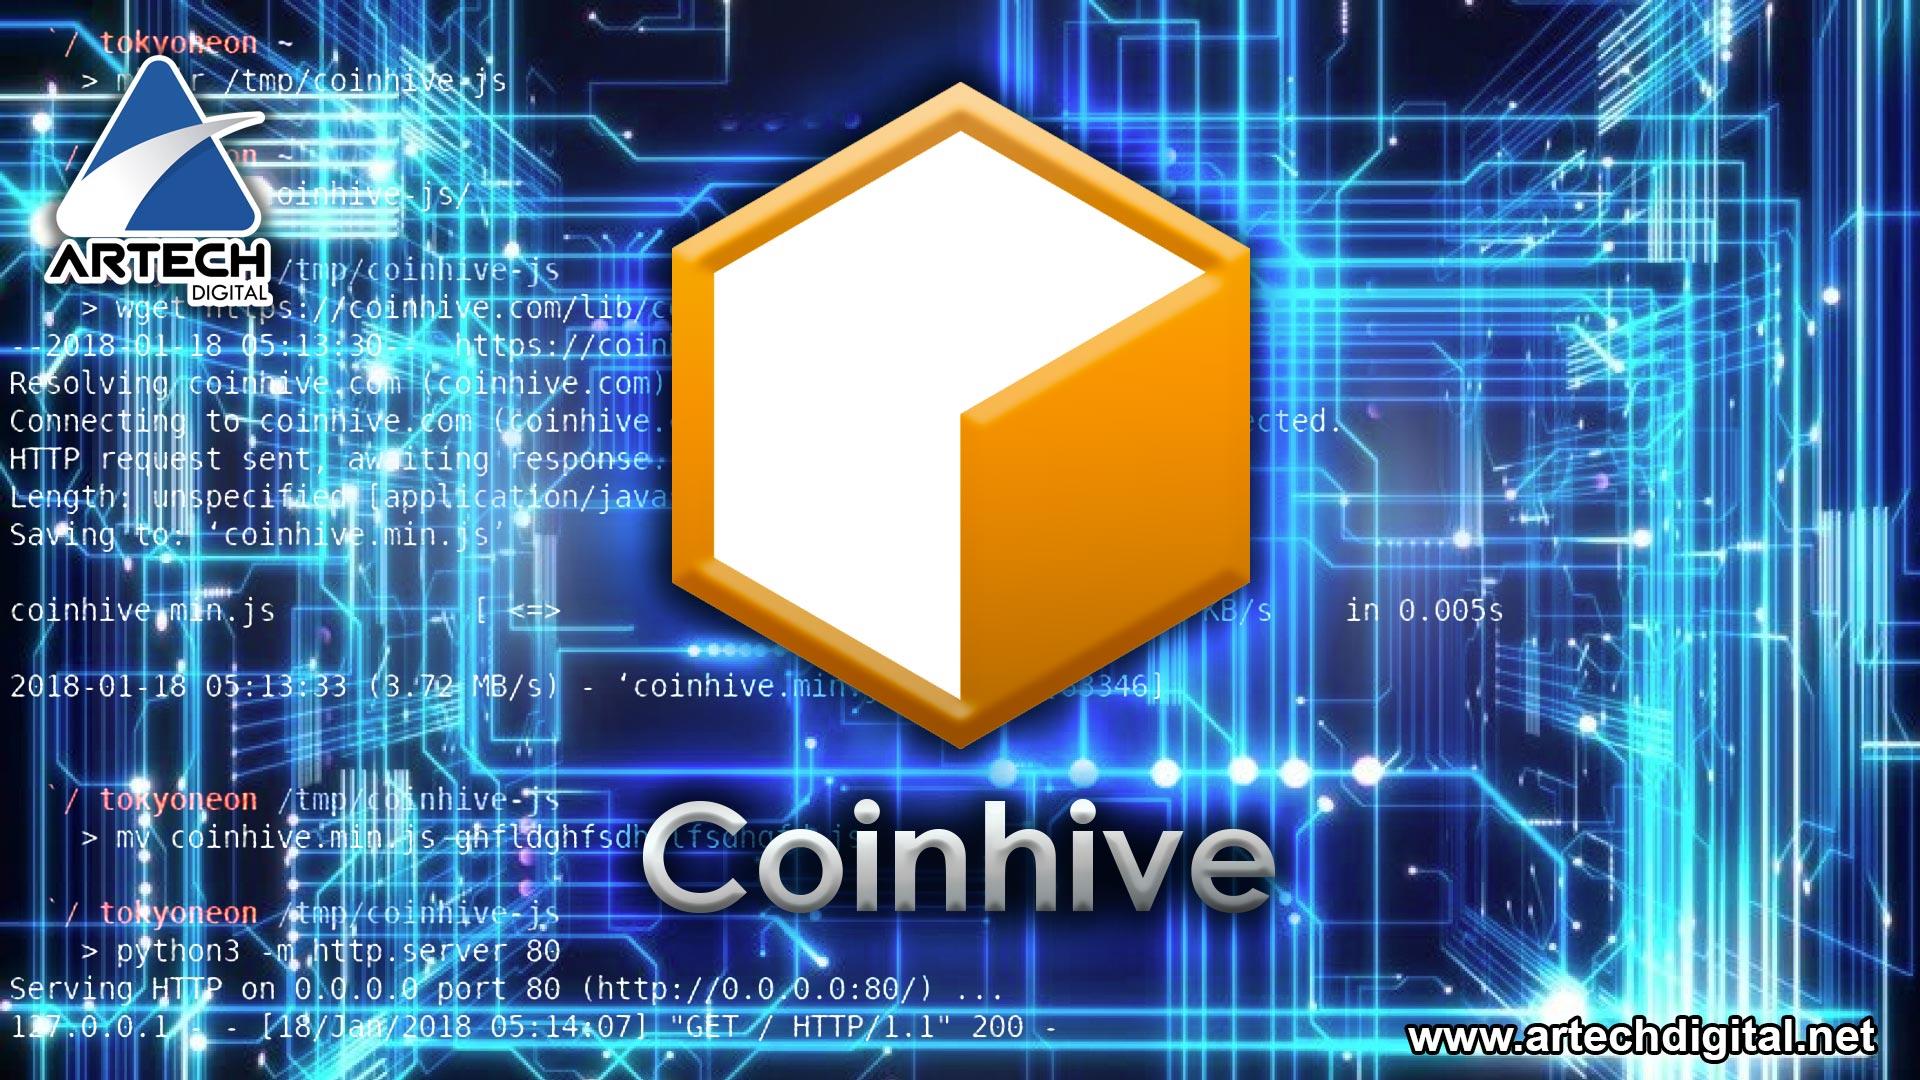 CoinHive el malware más usado para minar criptomonedas